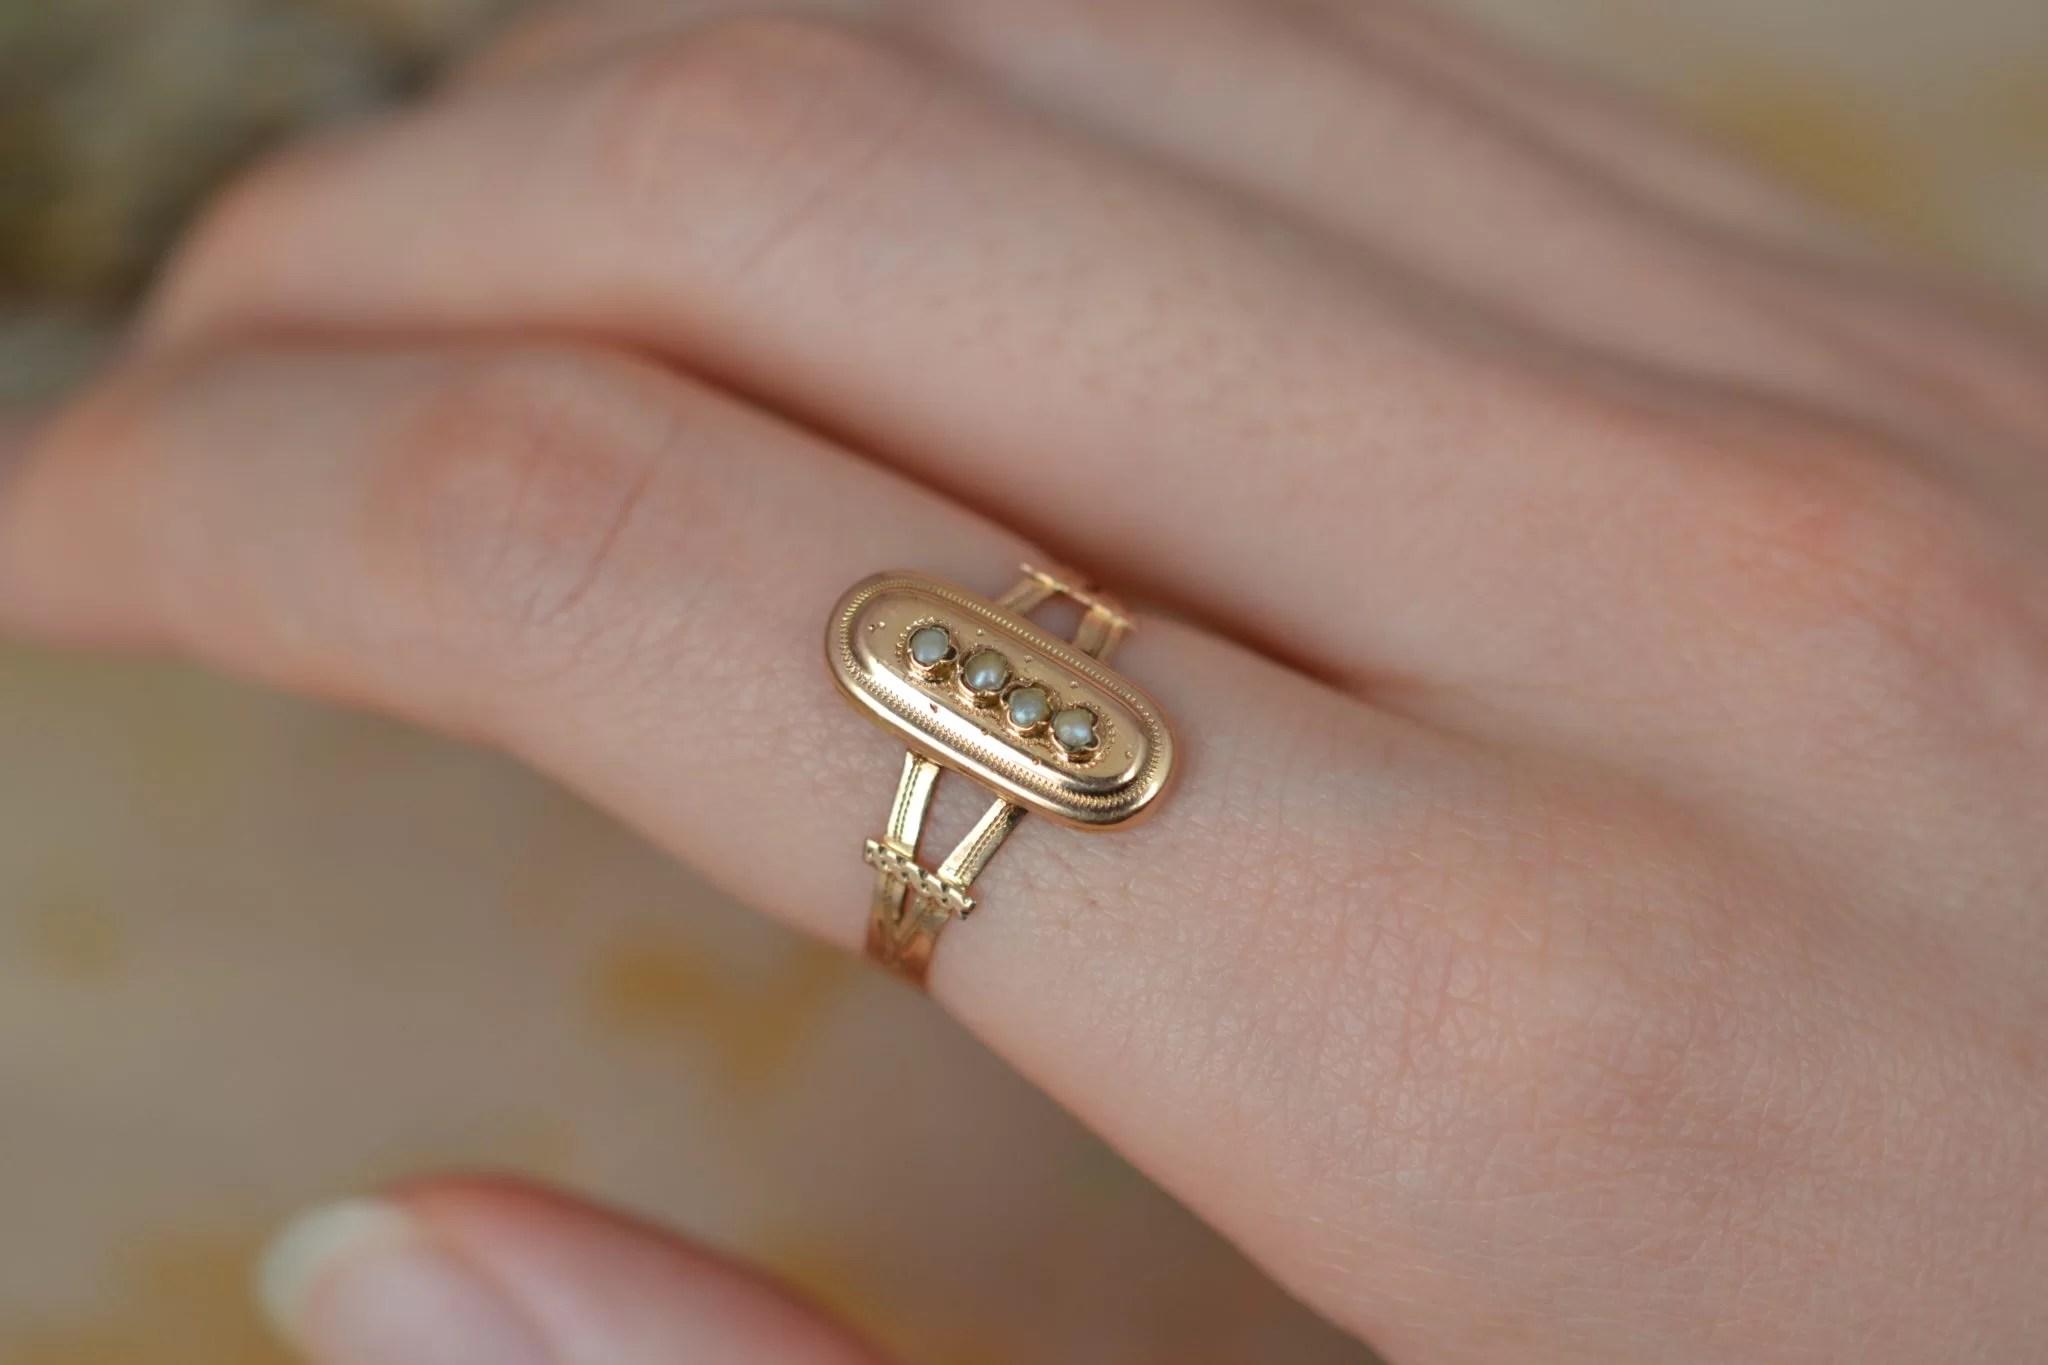 Bague en Or jaune sertie de petites perles sur un motif oblong, datant du XIXème siècle - bague éthique